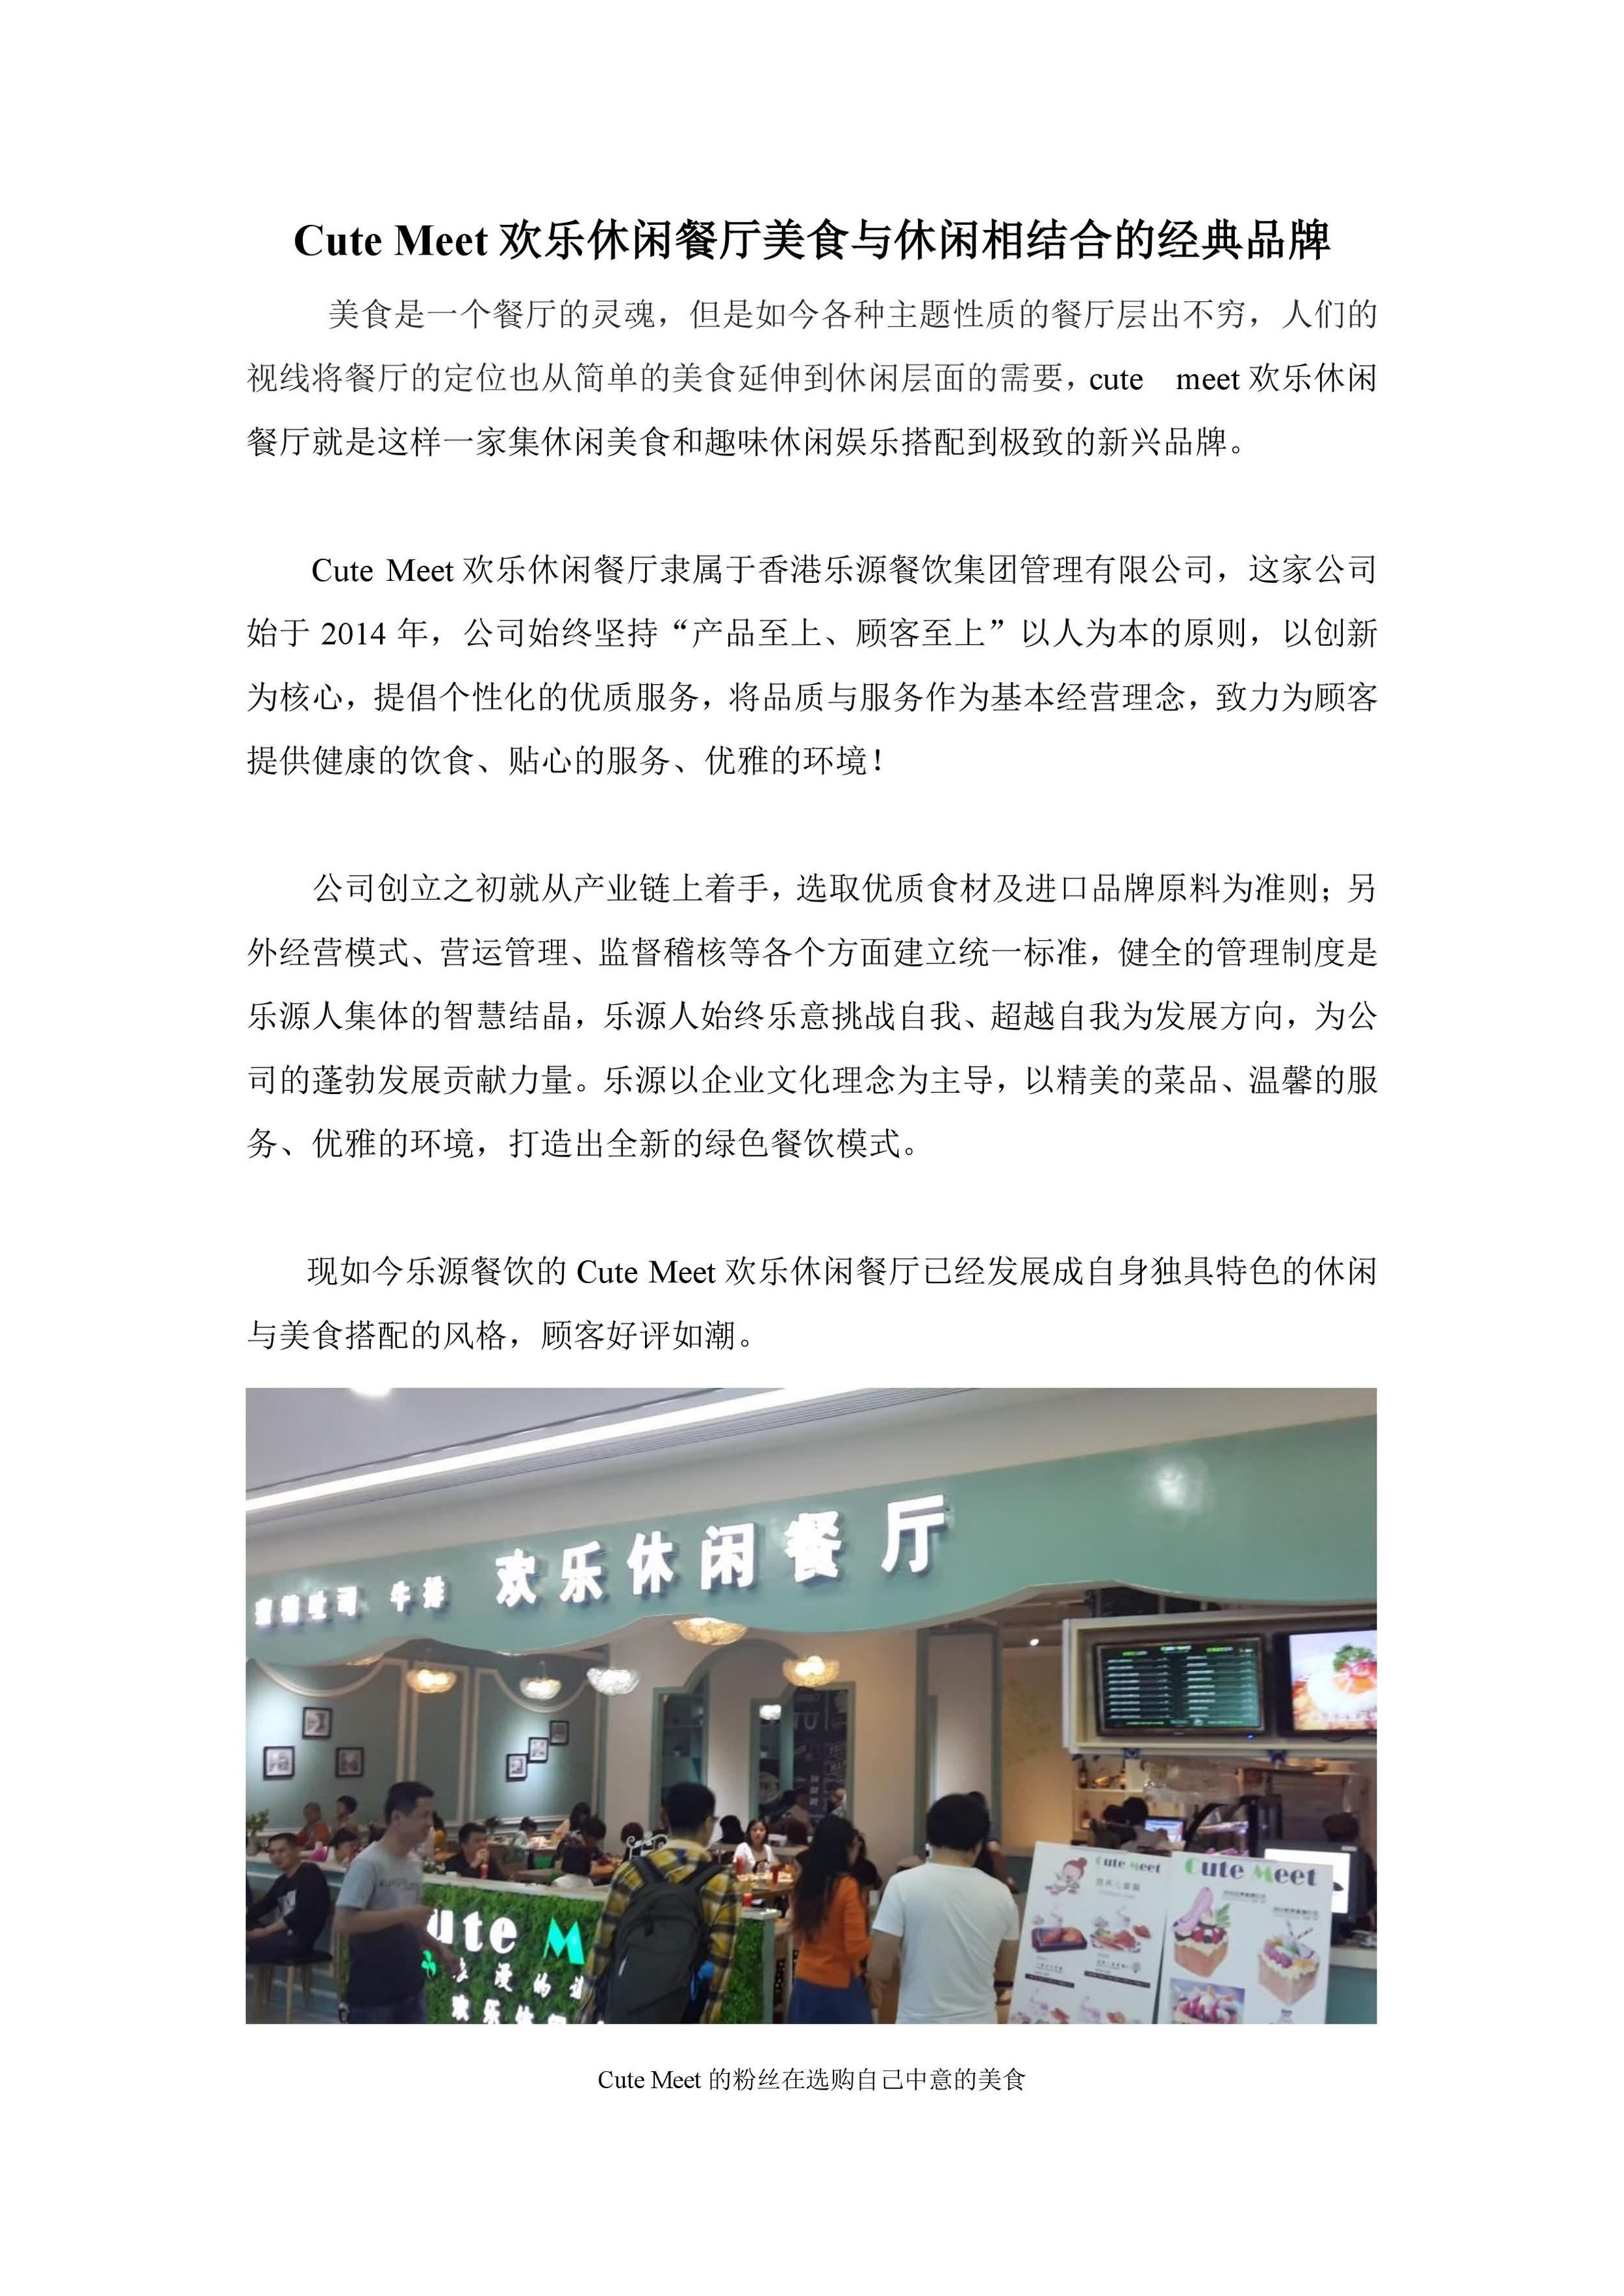 香港乐源餐饮集团有限公司15